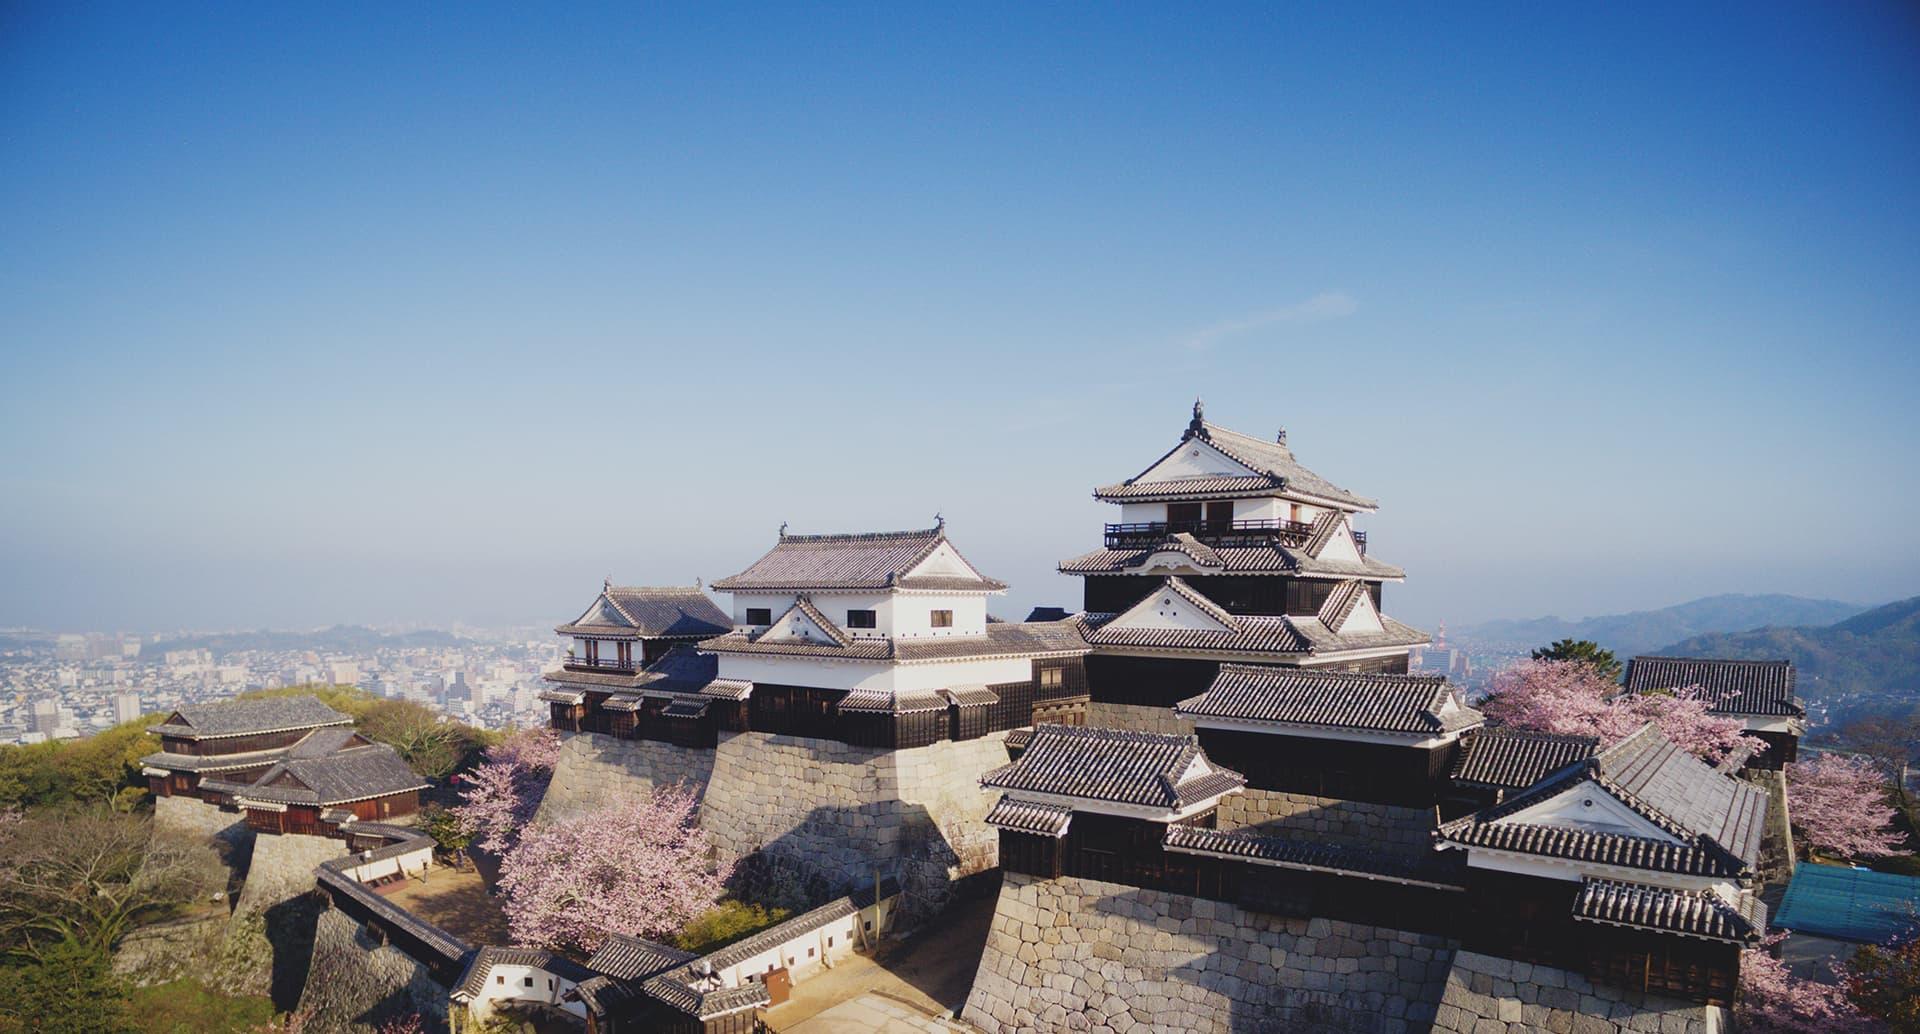 感受城堡歷史